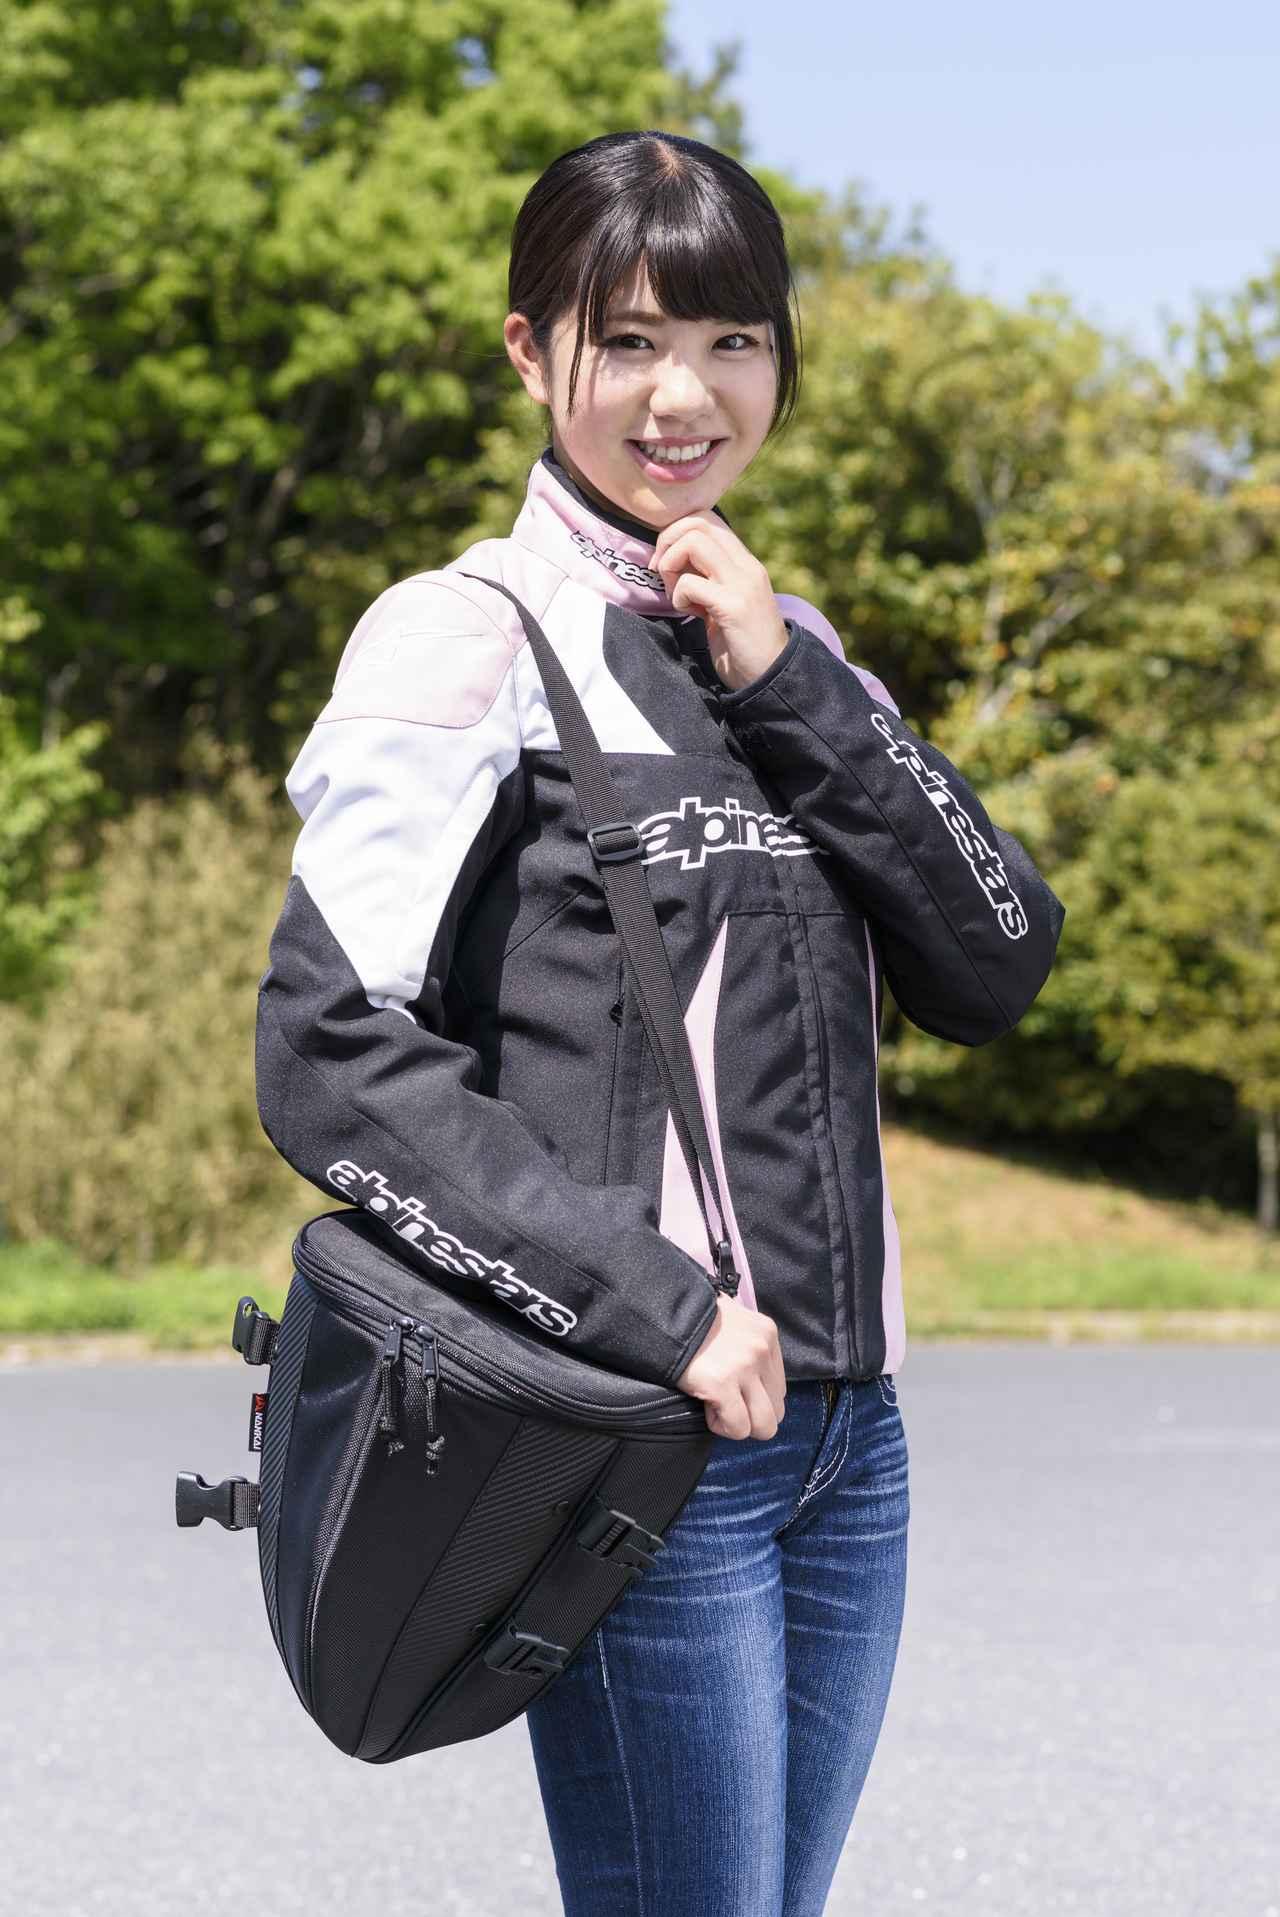 画像: 付属のベルトを使用すれば、ショルダーバッグに早変わり。旅先で荷物を持ち運びたいときには便利です。